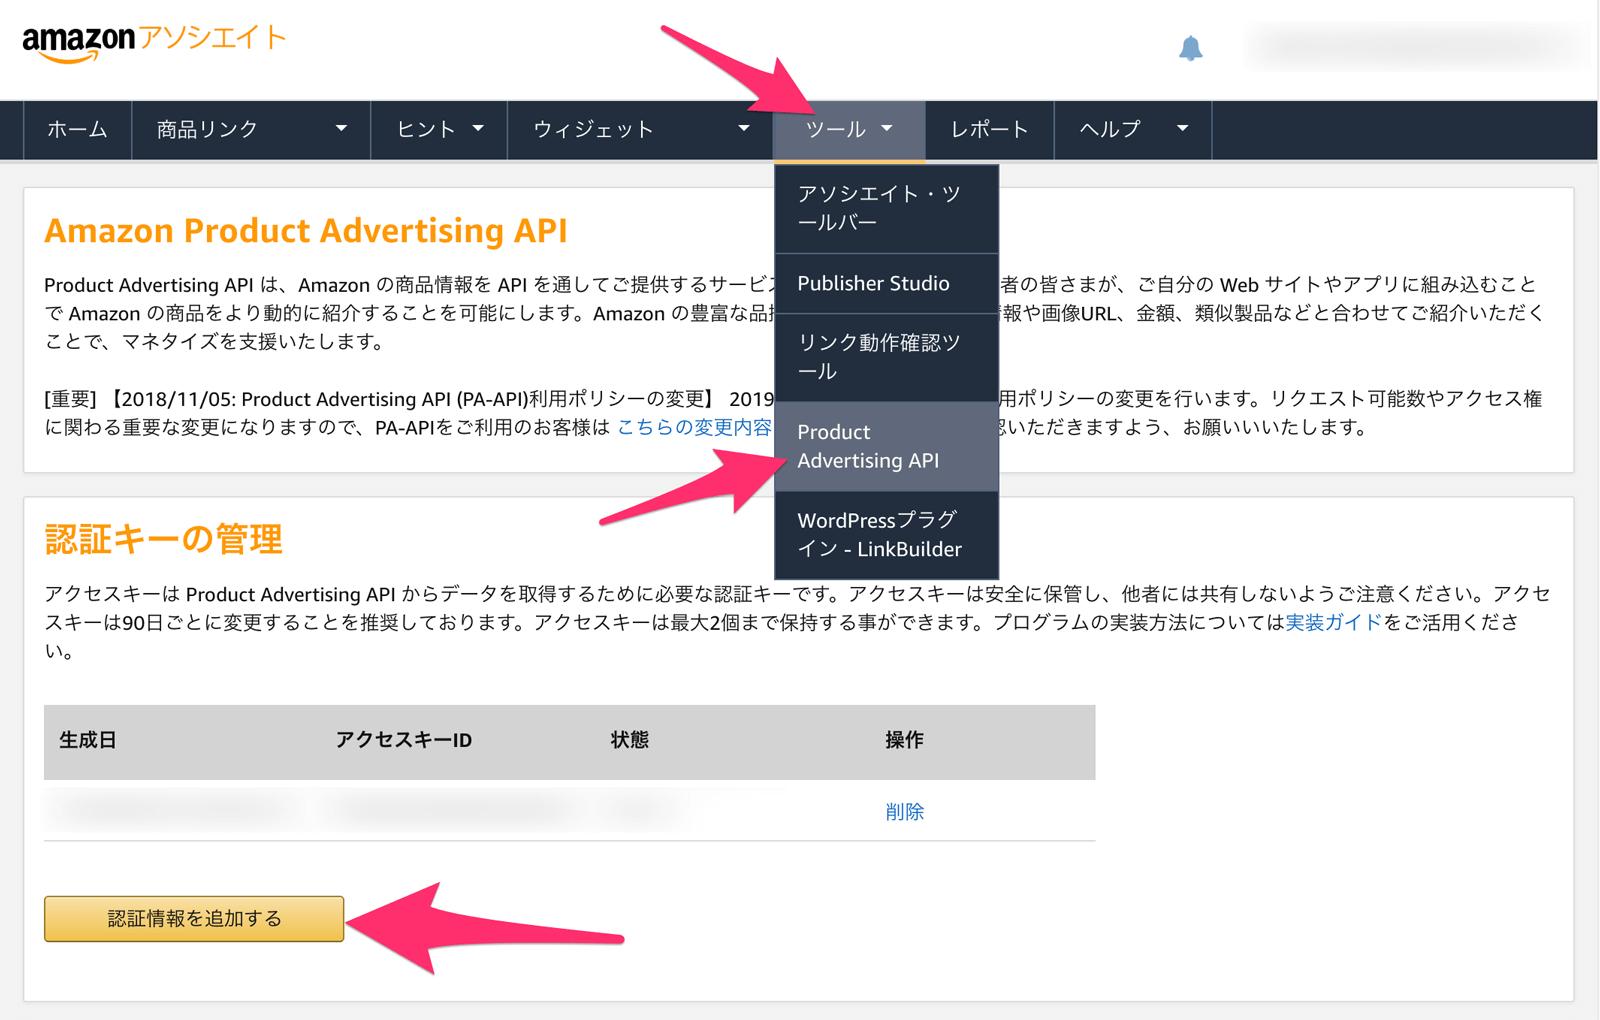 PA-APIに必要なアクセスキーとシークレットキーを発行する